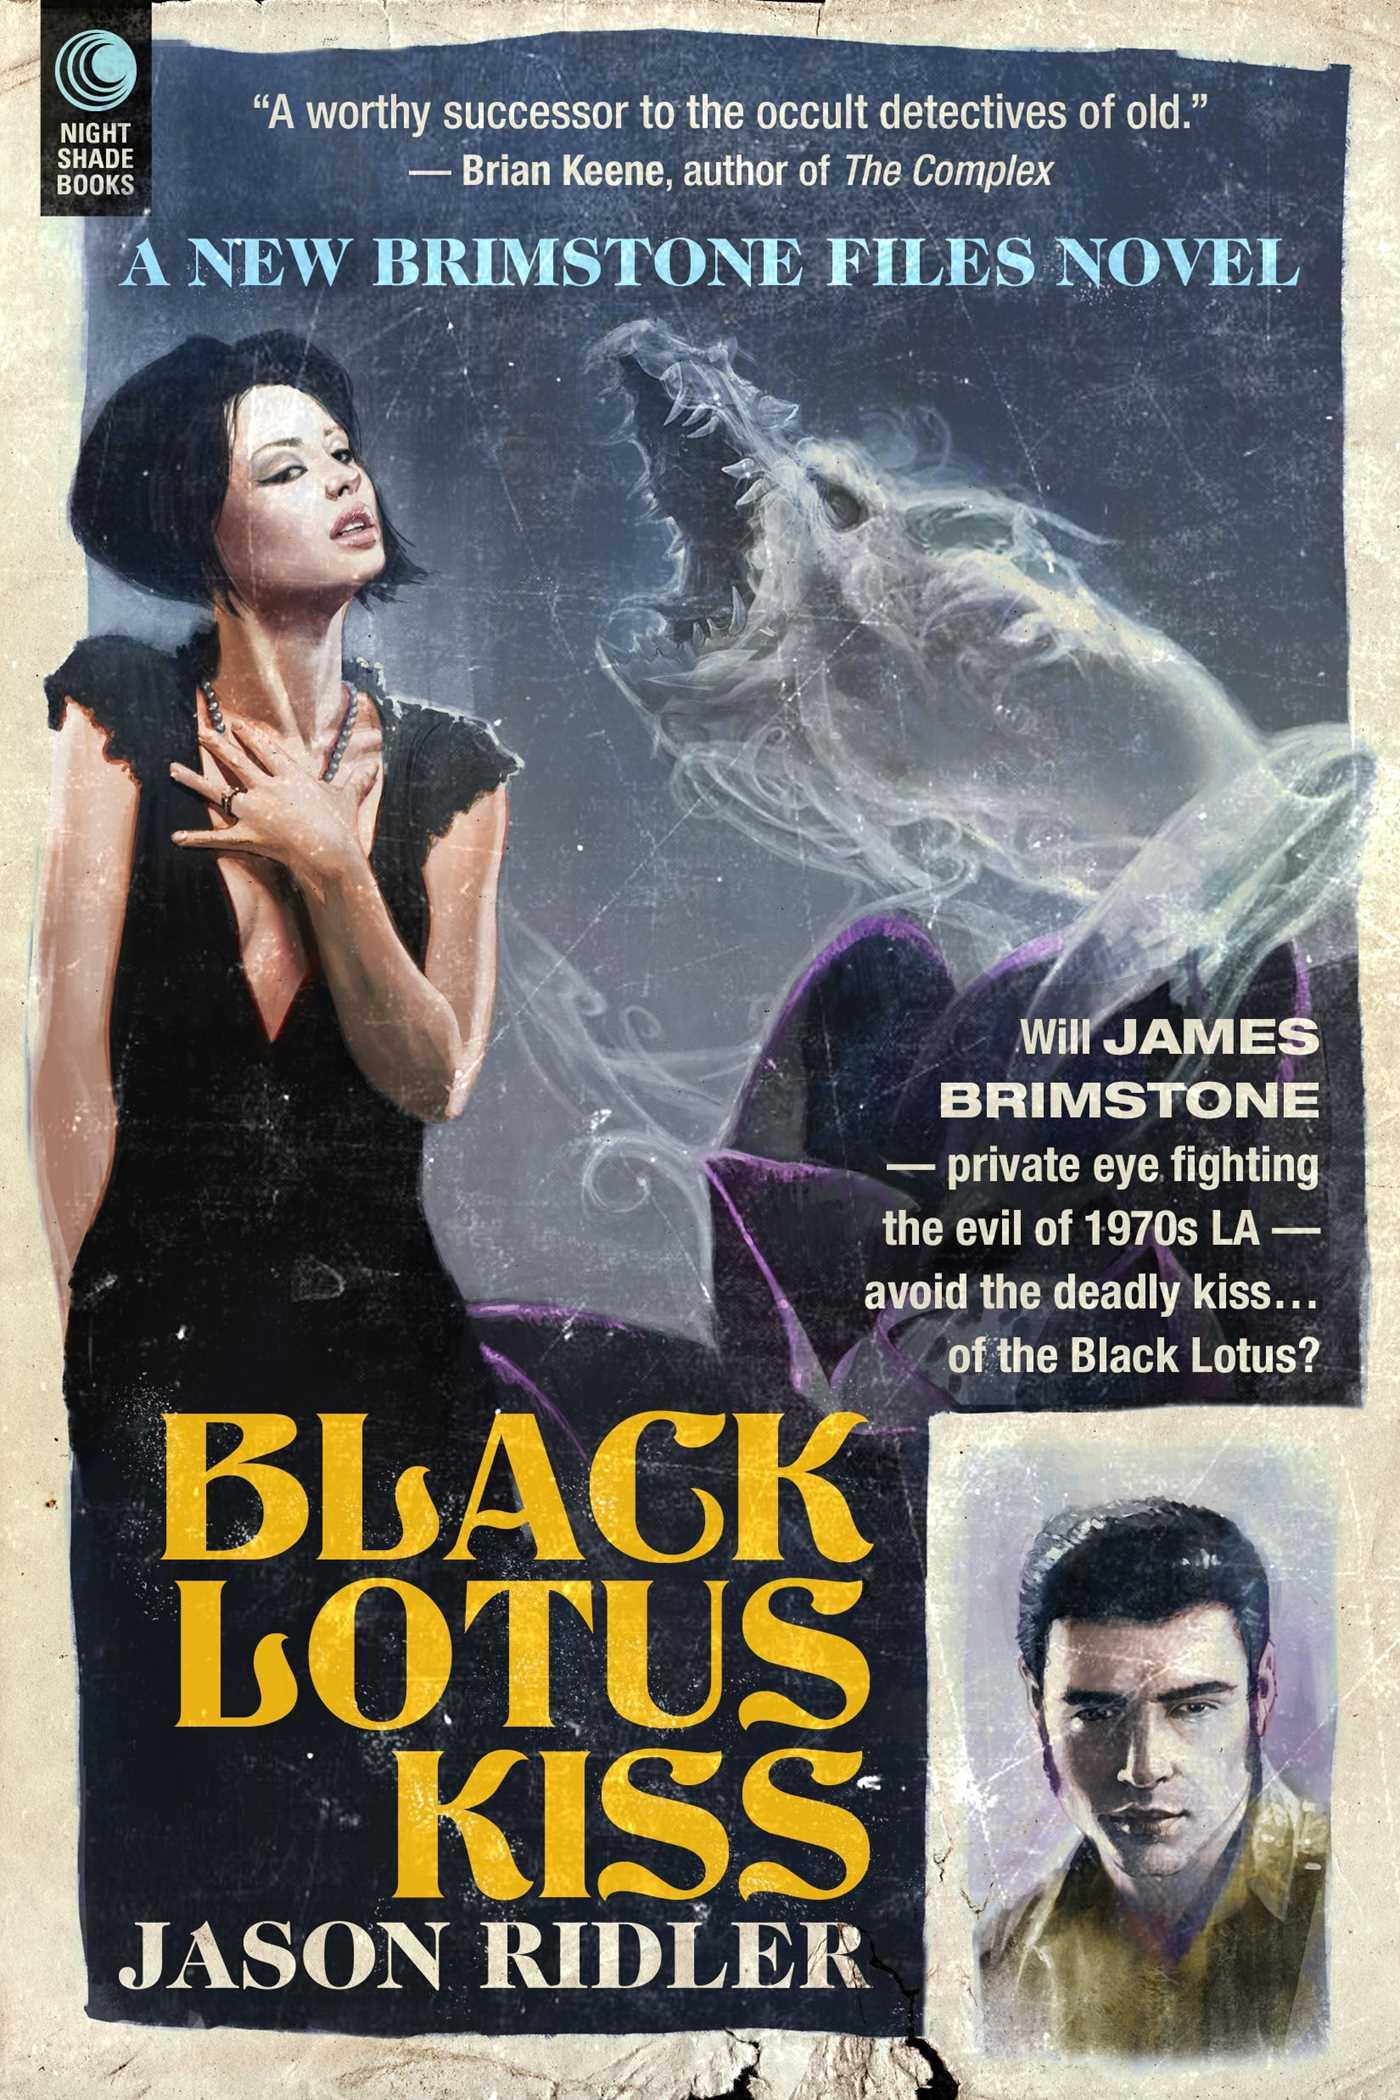 Black lotus kiss 9781597806336 hr